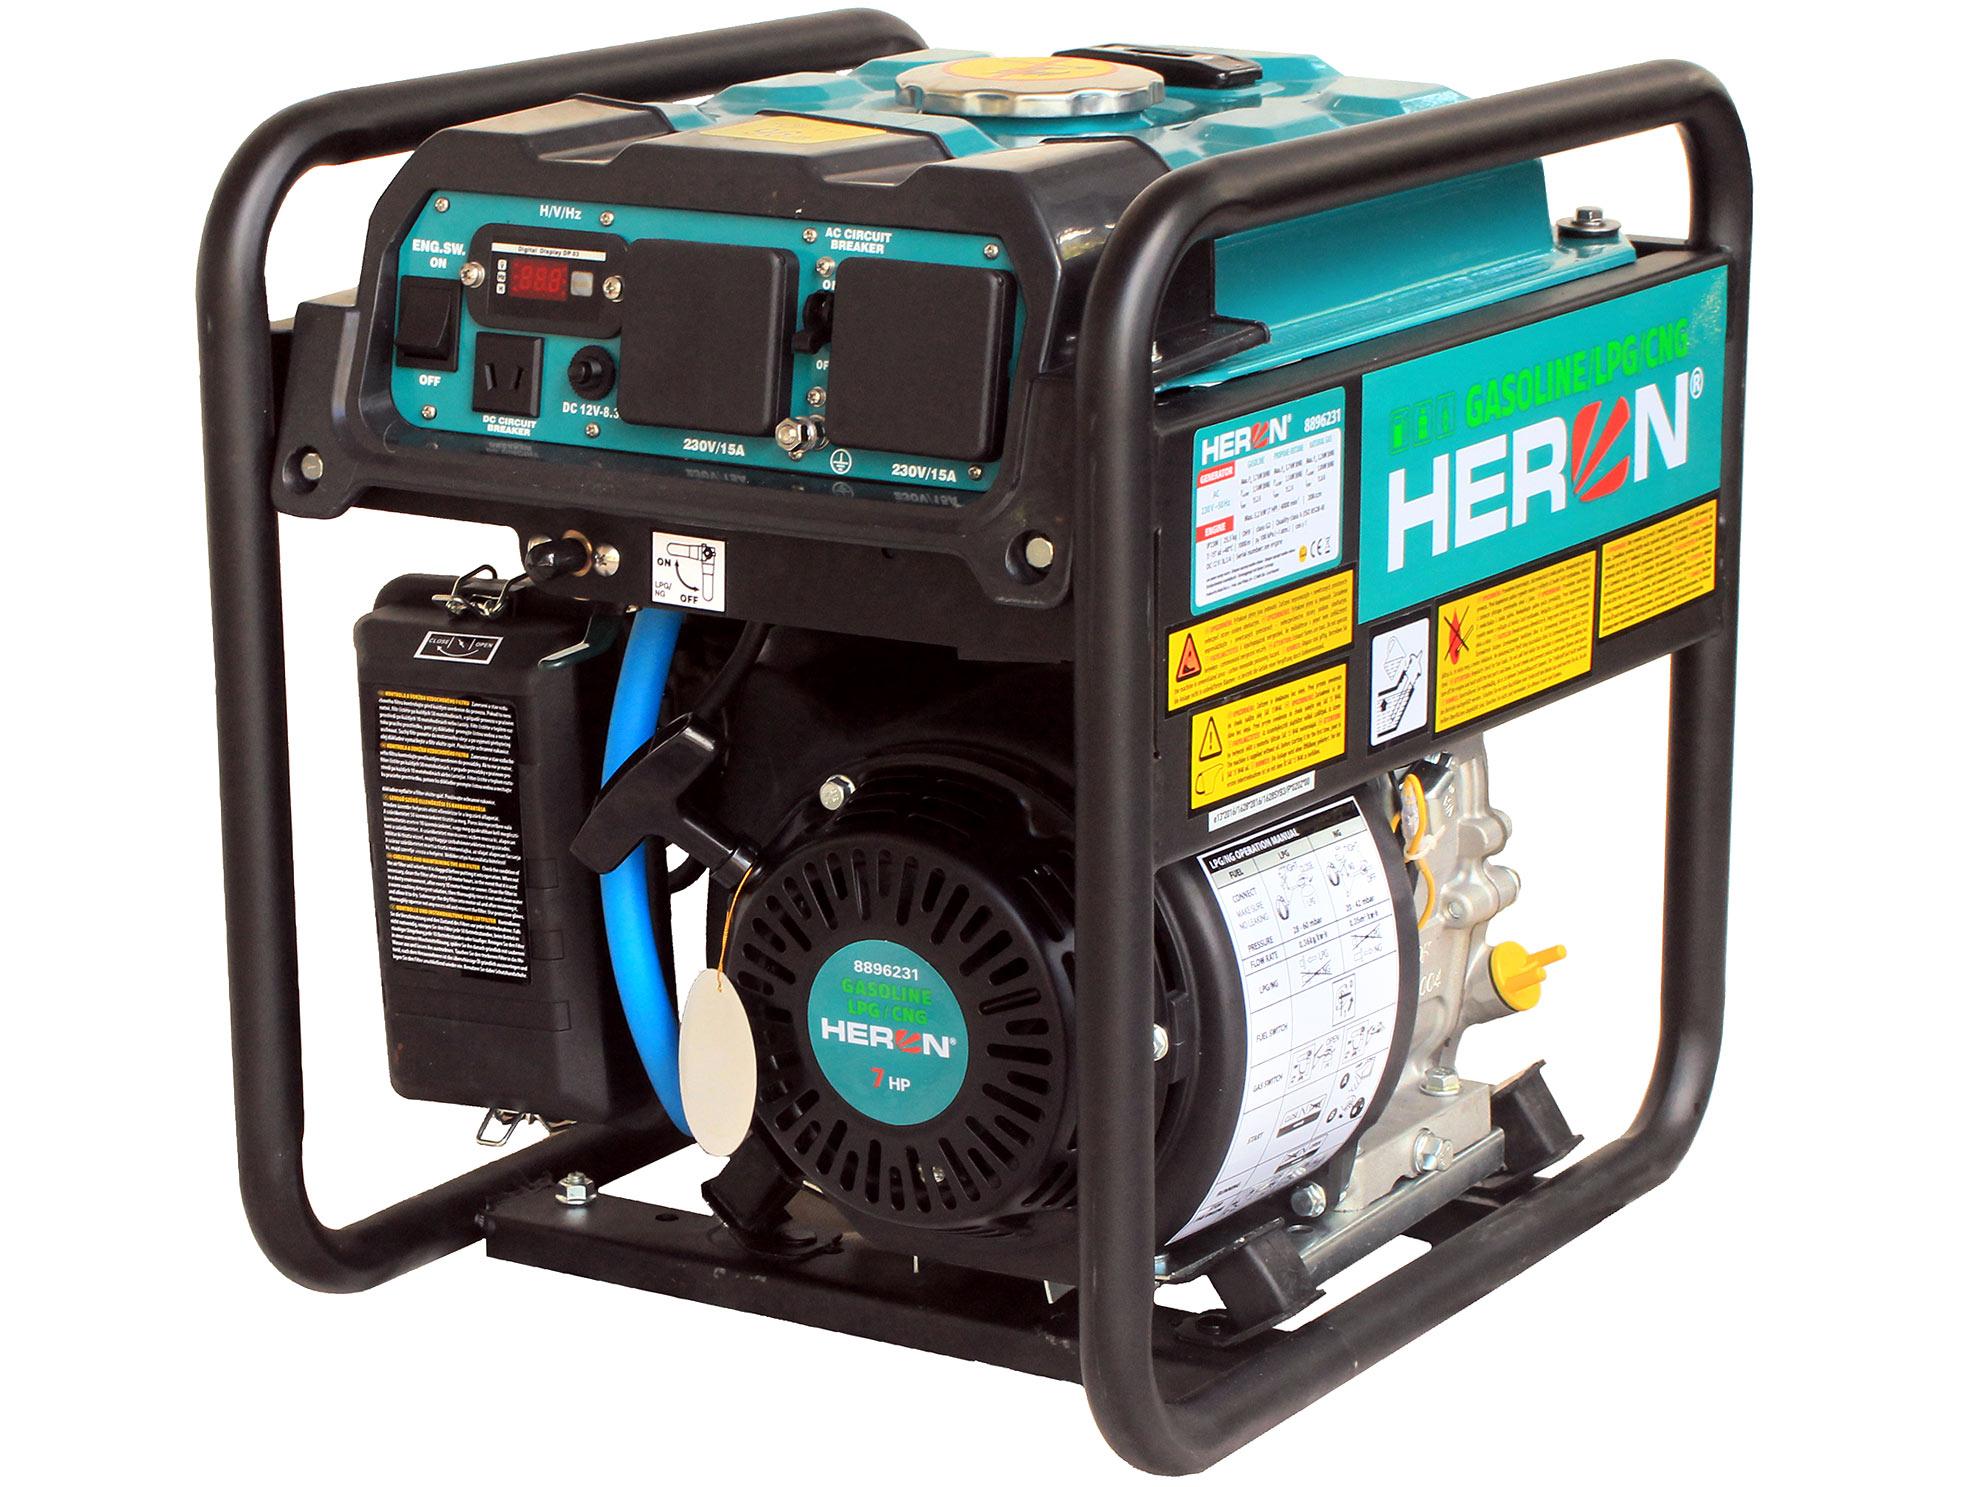 Digital generator 7HP, Petrol-LPG-NG